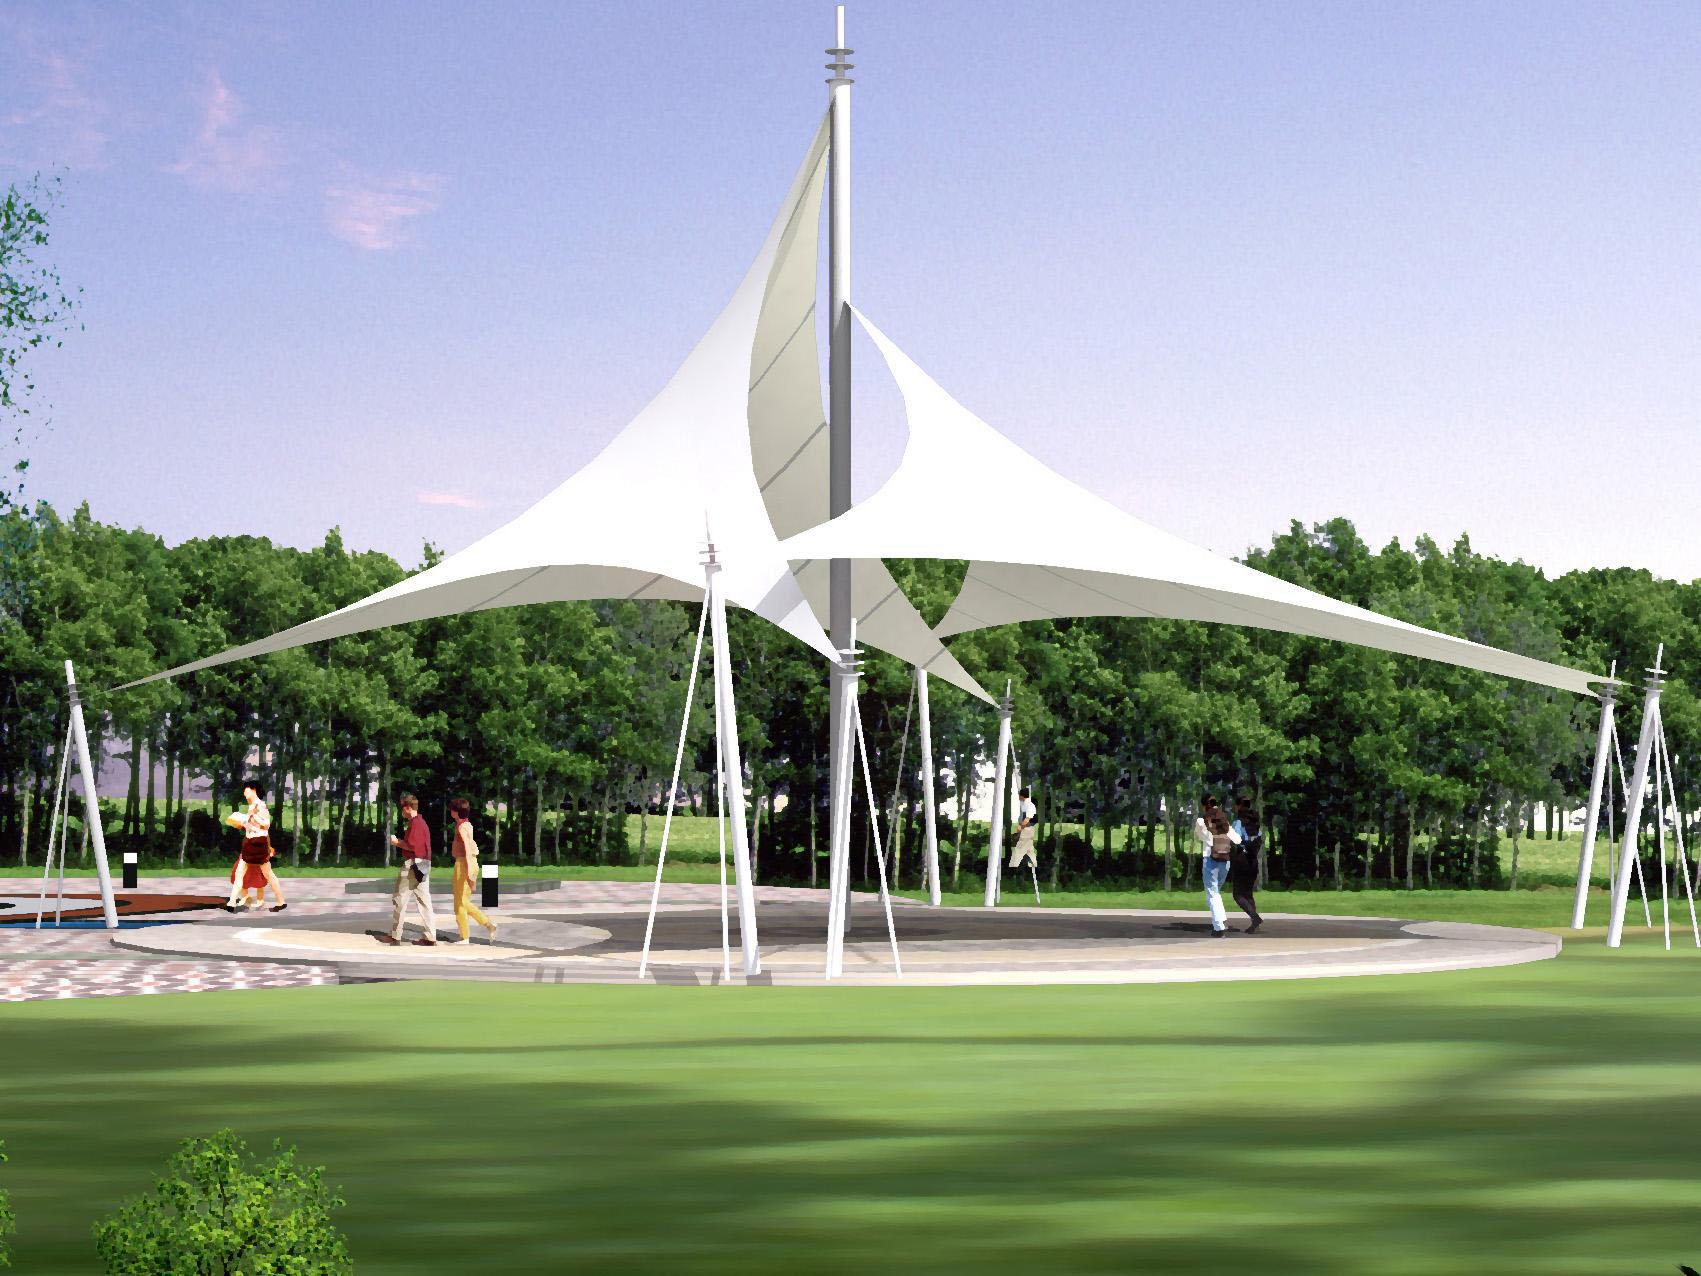 景观设施膜结构设计效果图集